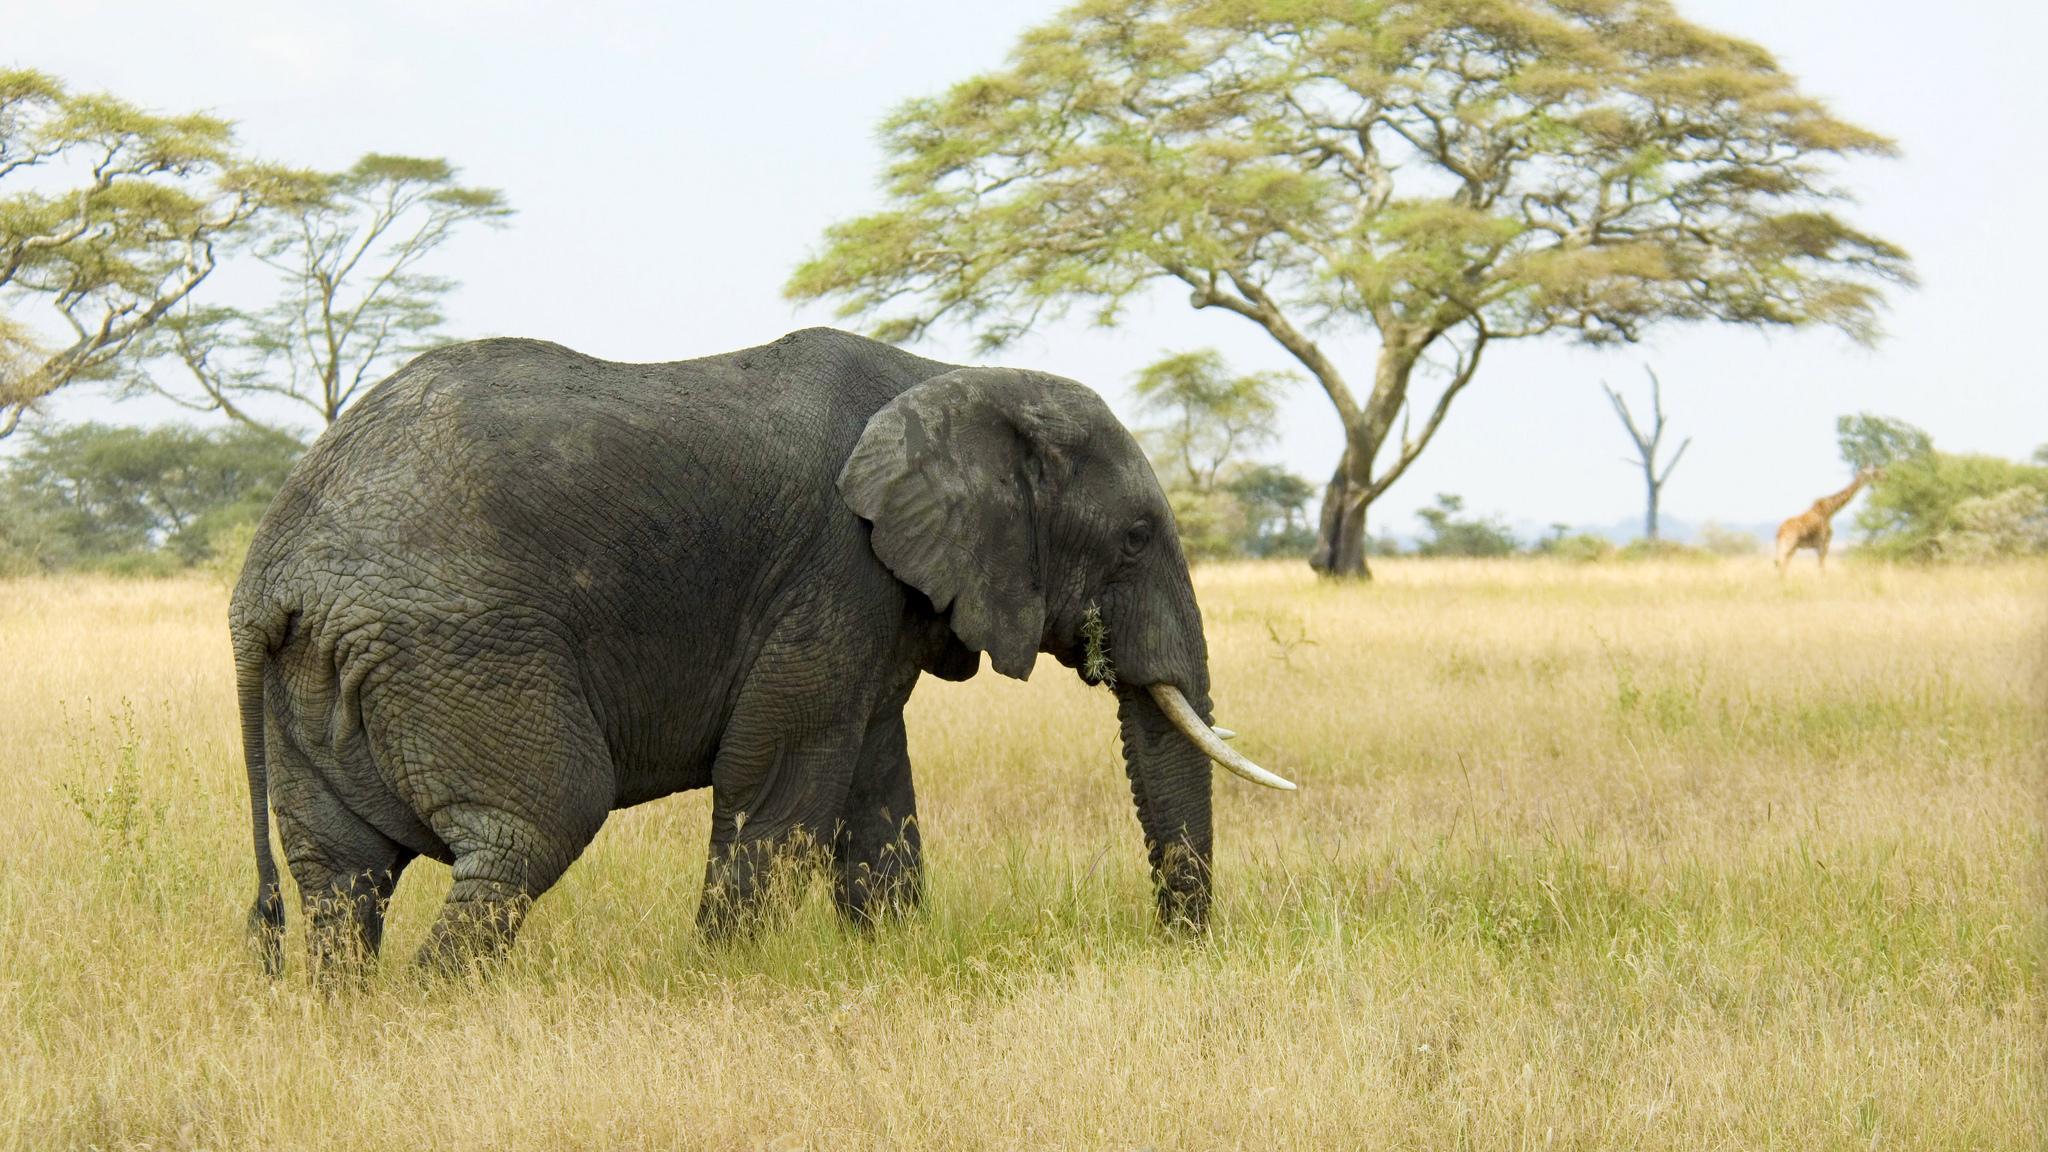 Из-за браконьерства у африканских слонов перестали расти бивни